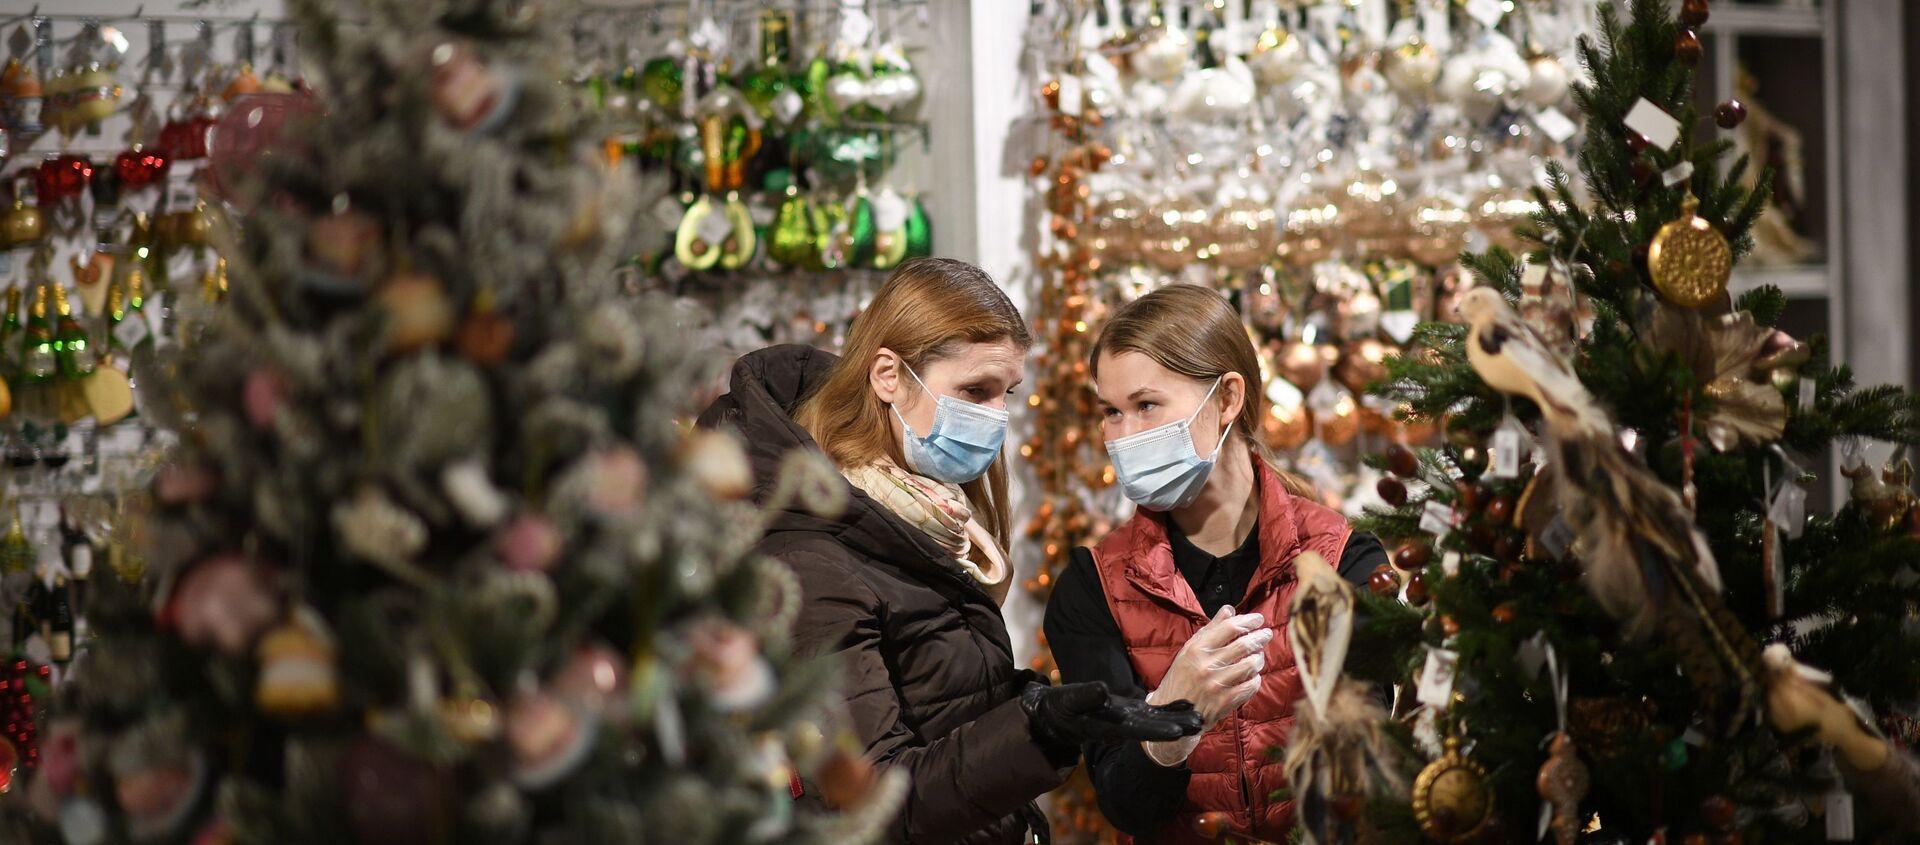 Продажа елочных игрушек и новогодних украшений - Sputnik Таджикистан, 1920, 03.12.2020